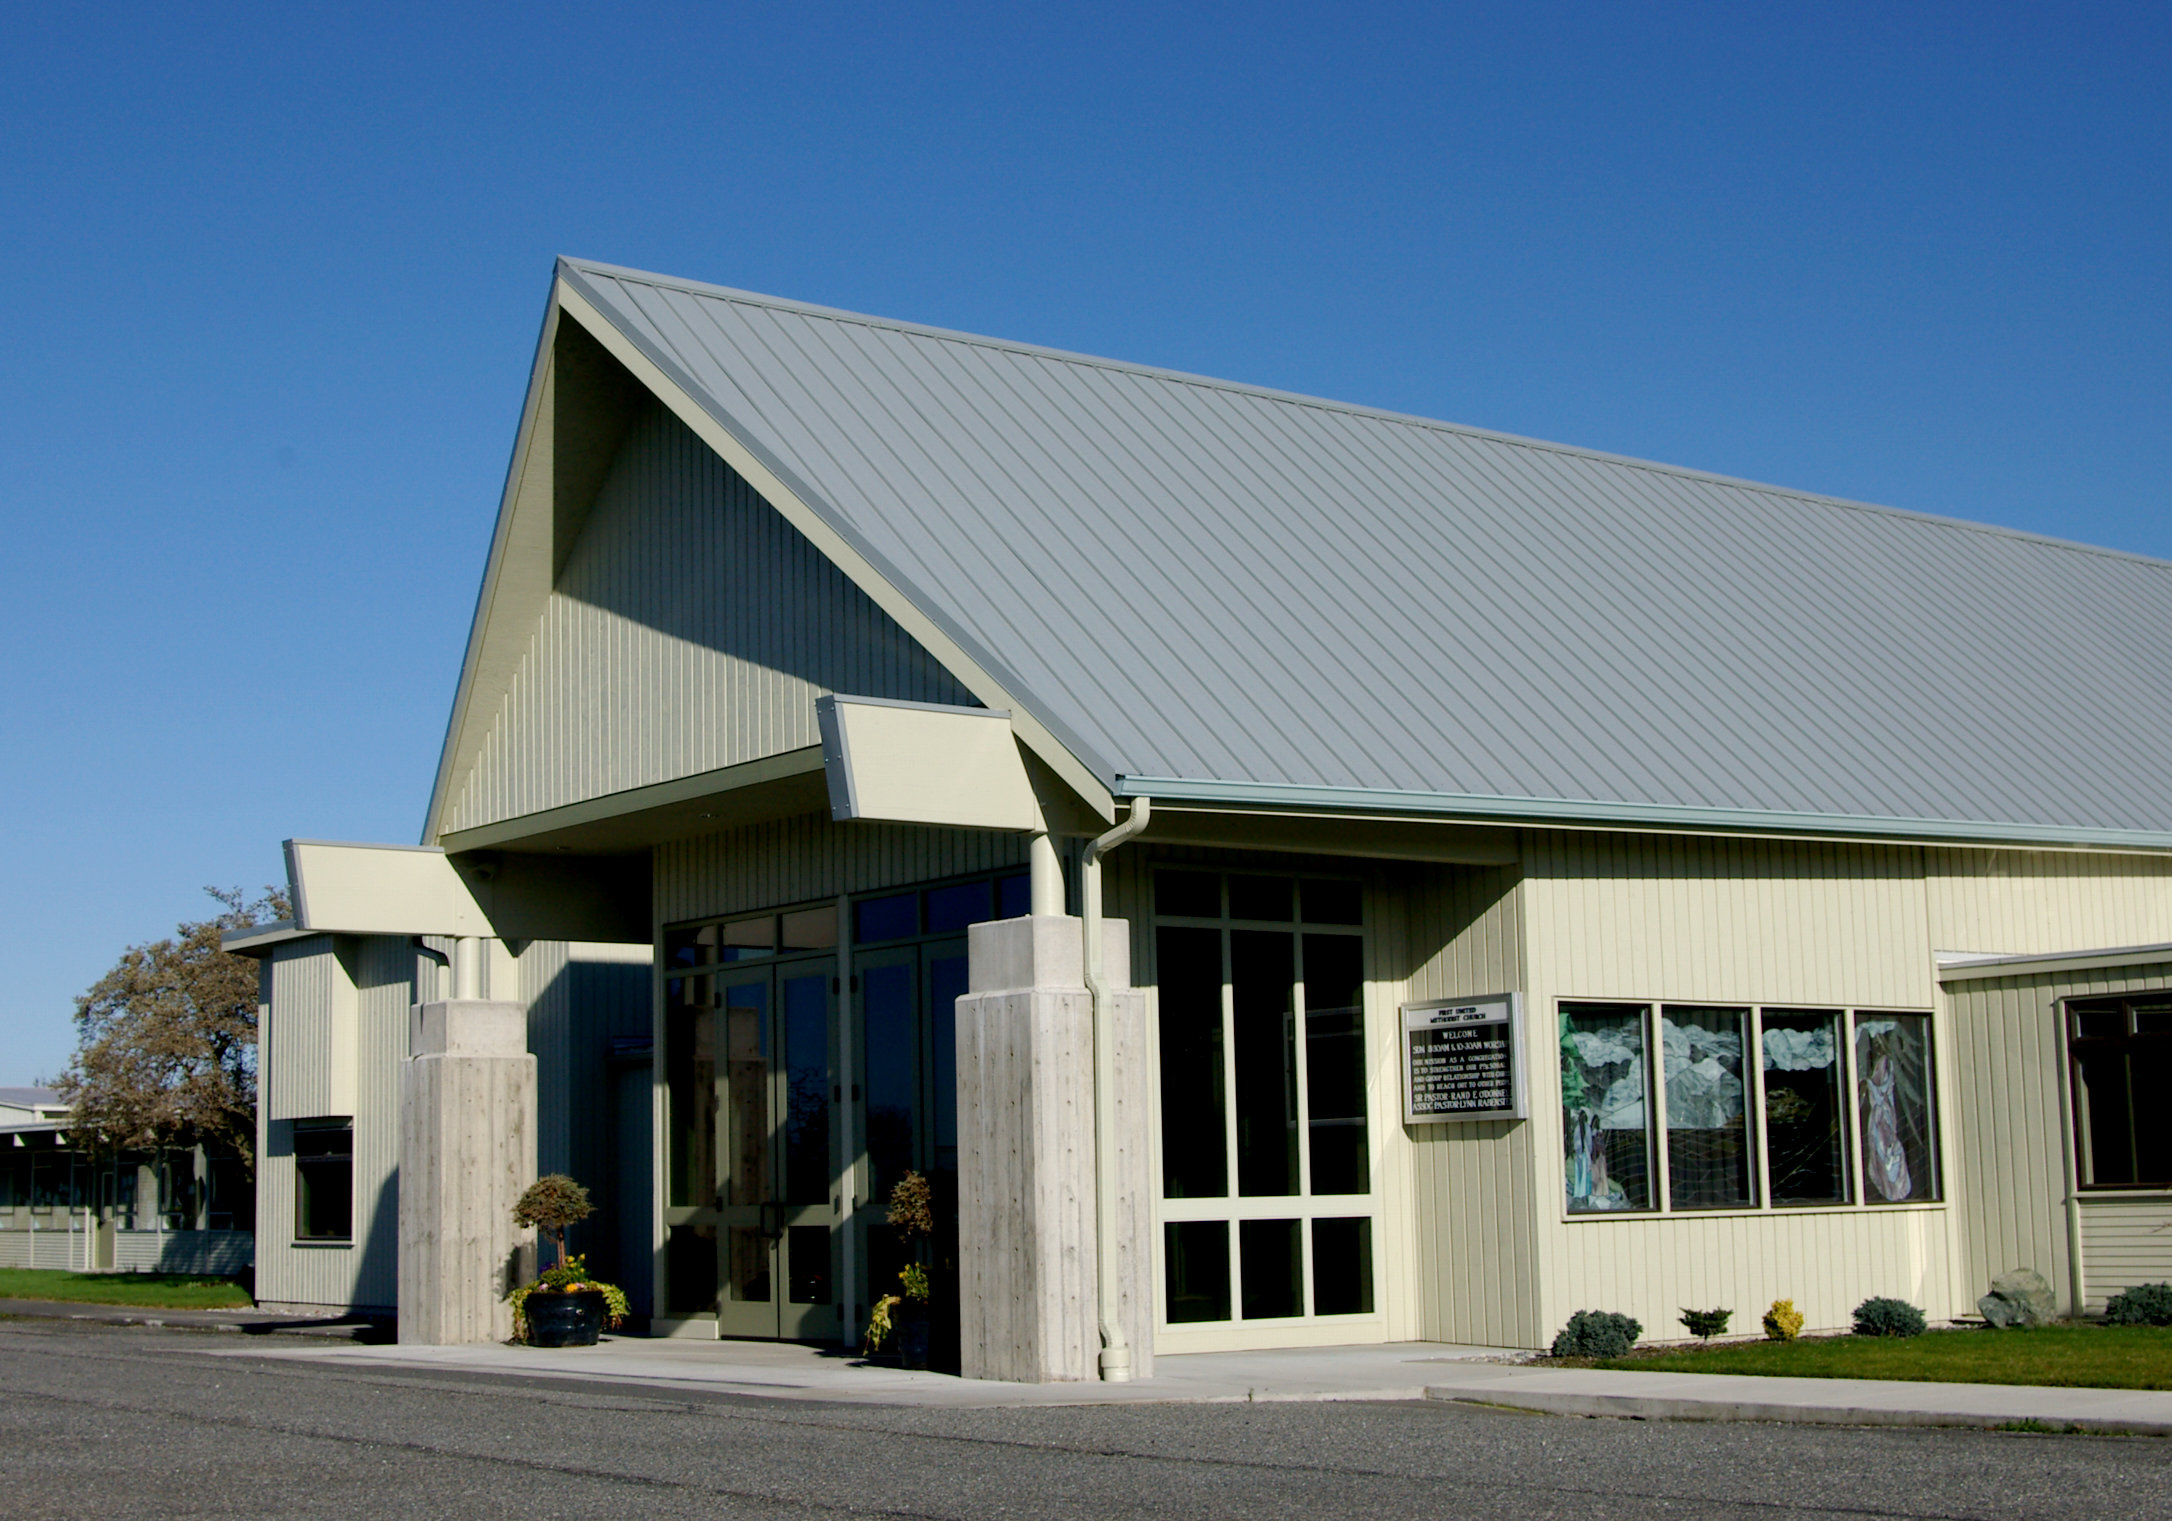 FIRST UNITED METHODIST | Mt. Vernon, WA